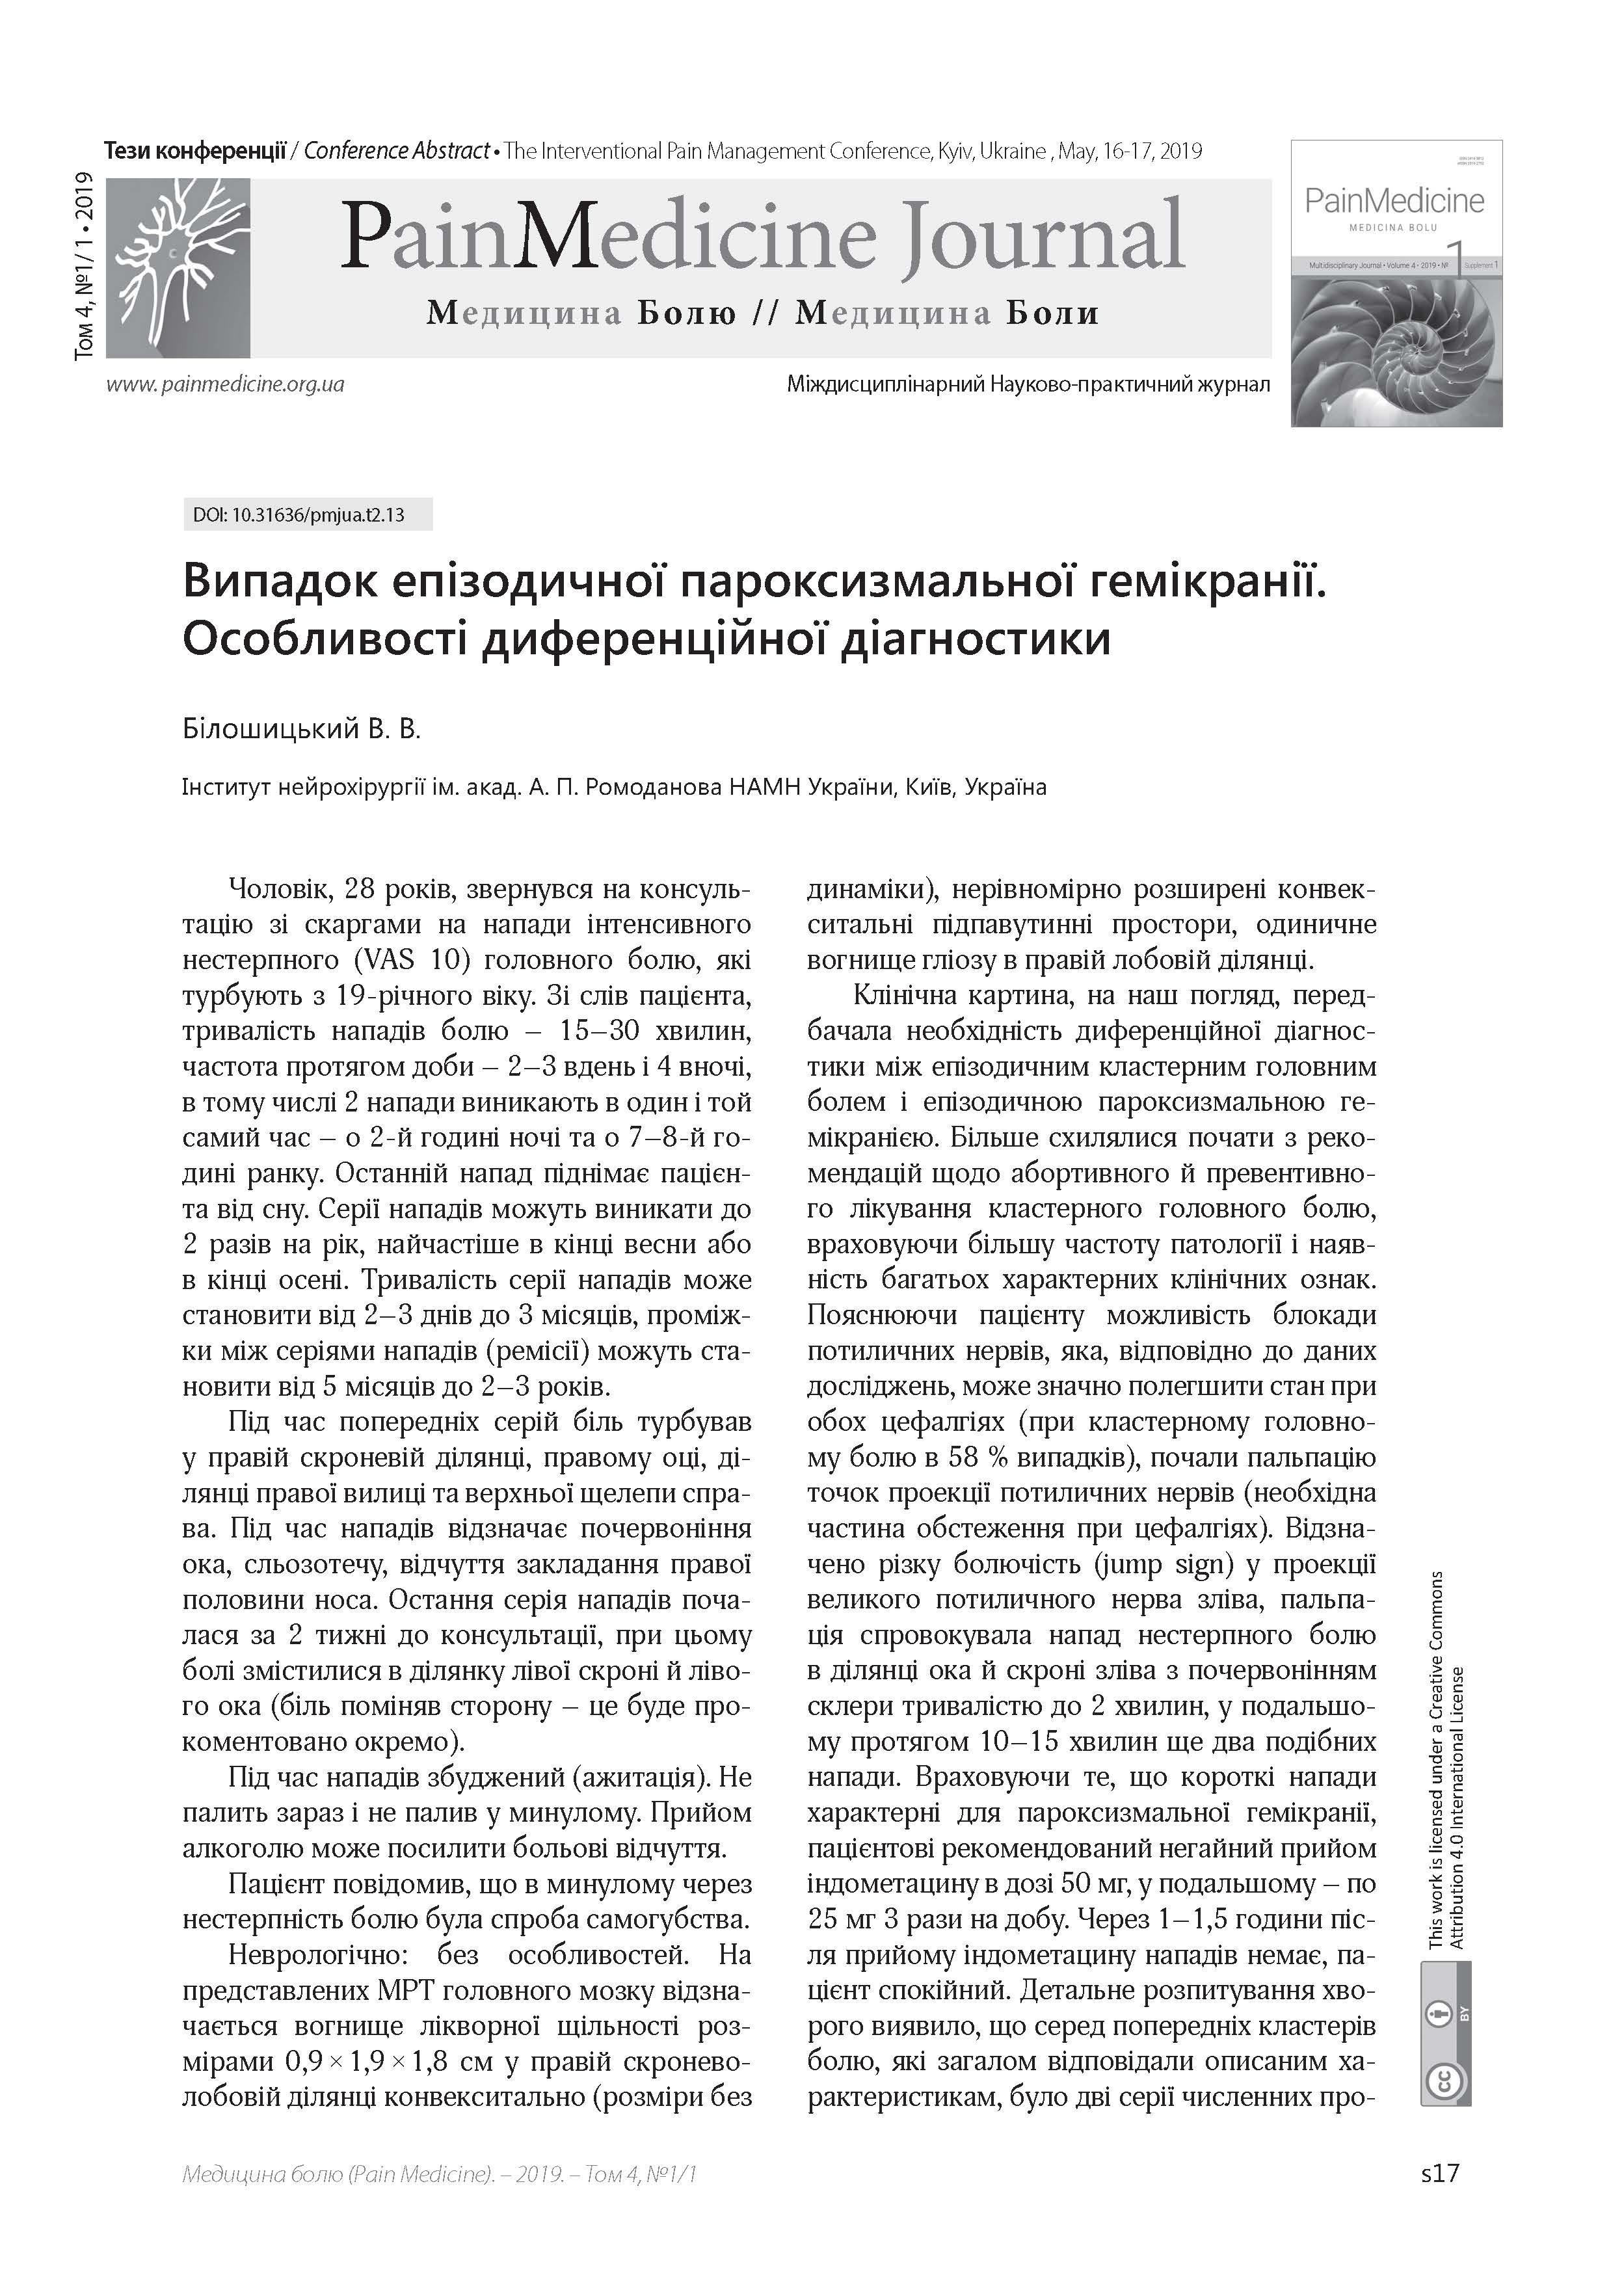 Випадок епізодичної пароксизмальної гемікранії. Особливості диференційної діагностики